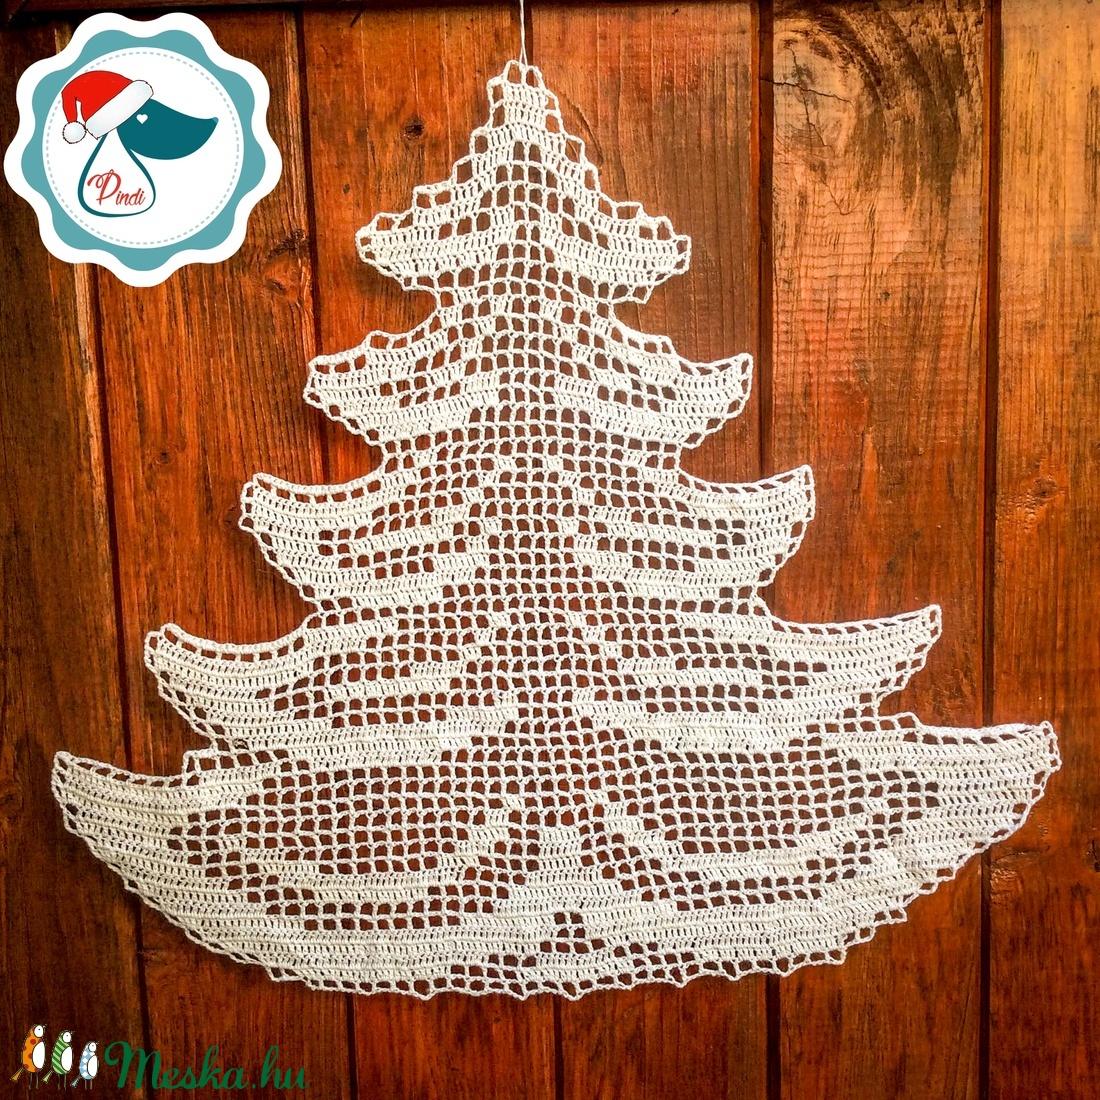 Egyedi nagy horgolt sík fenyő forma - Karácsonyi ablak dísz - karácsonyi dekorácíó- karácsonyi ajándék  (Pindiart) - Meska.hu